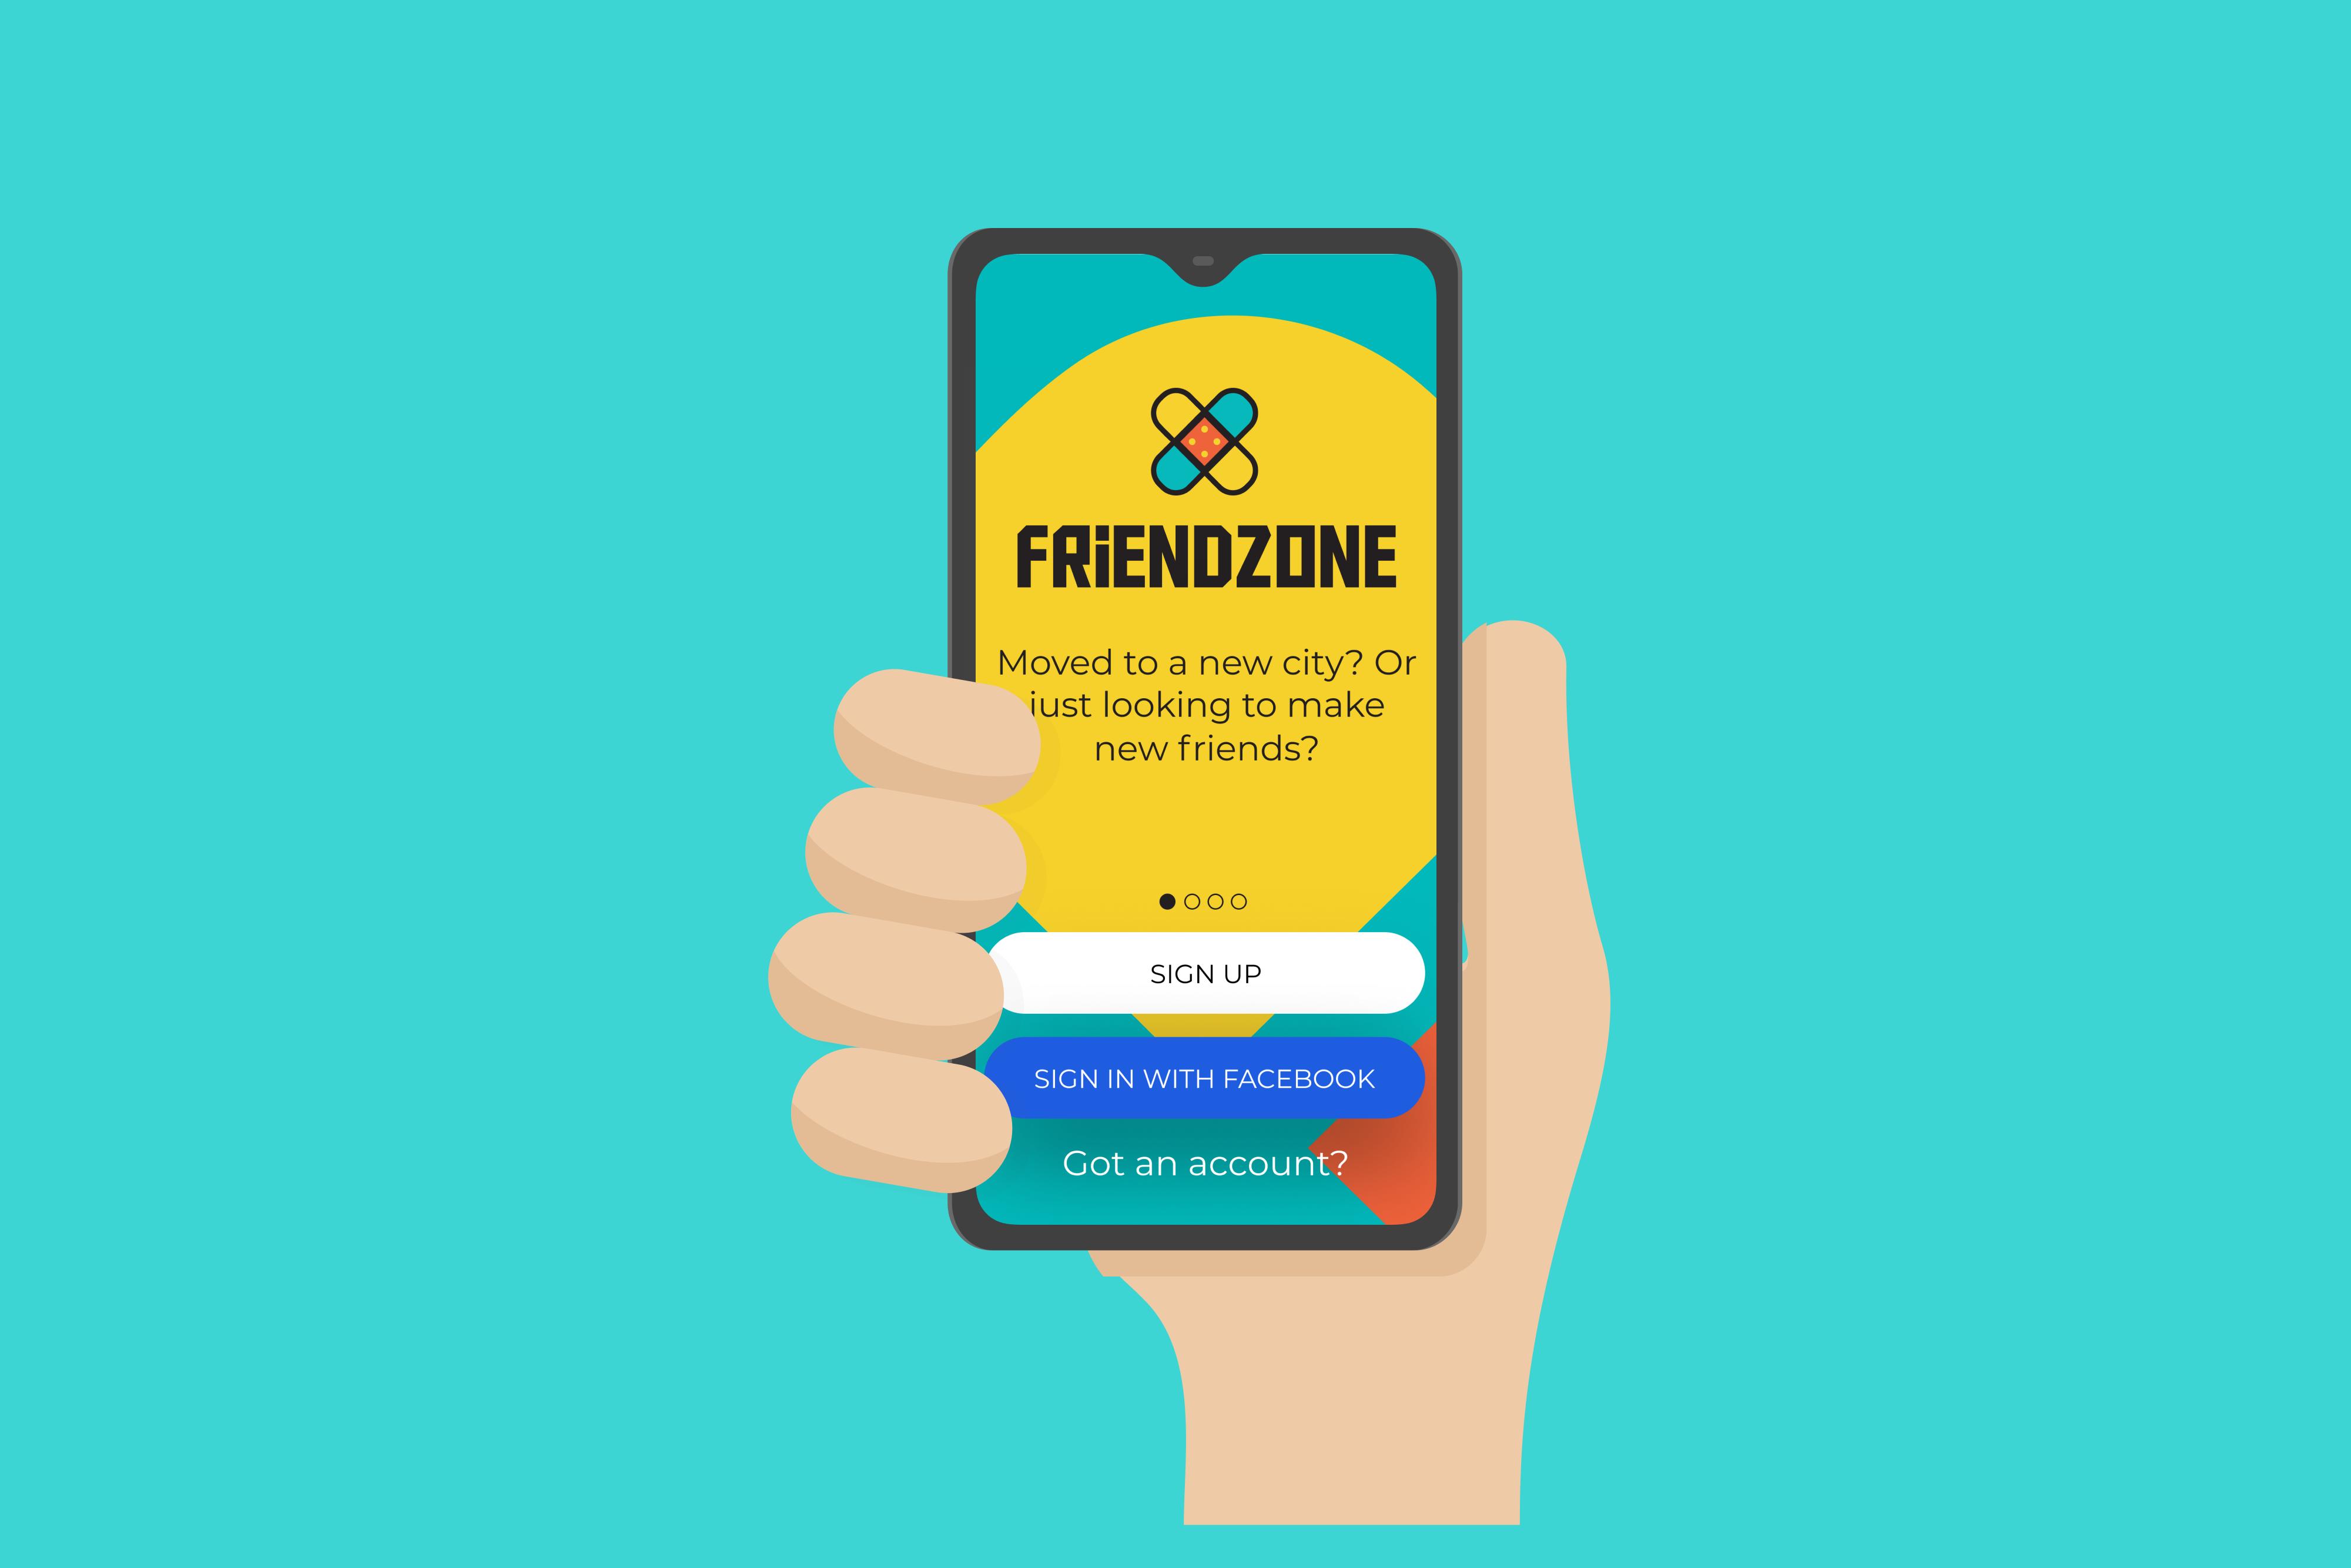 Usando FriendZone para encontrar nuevos amigos